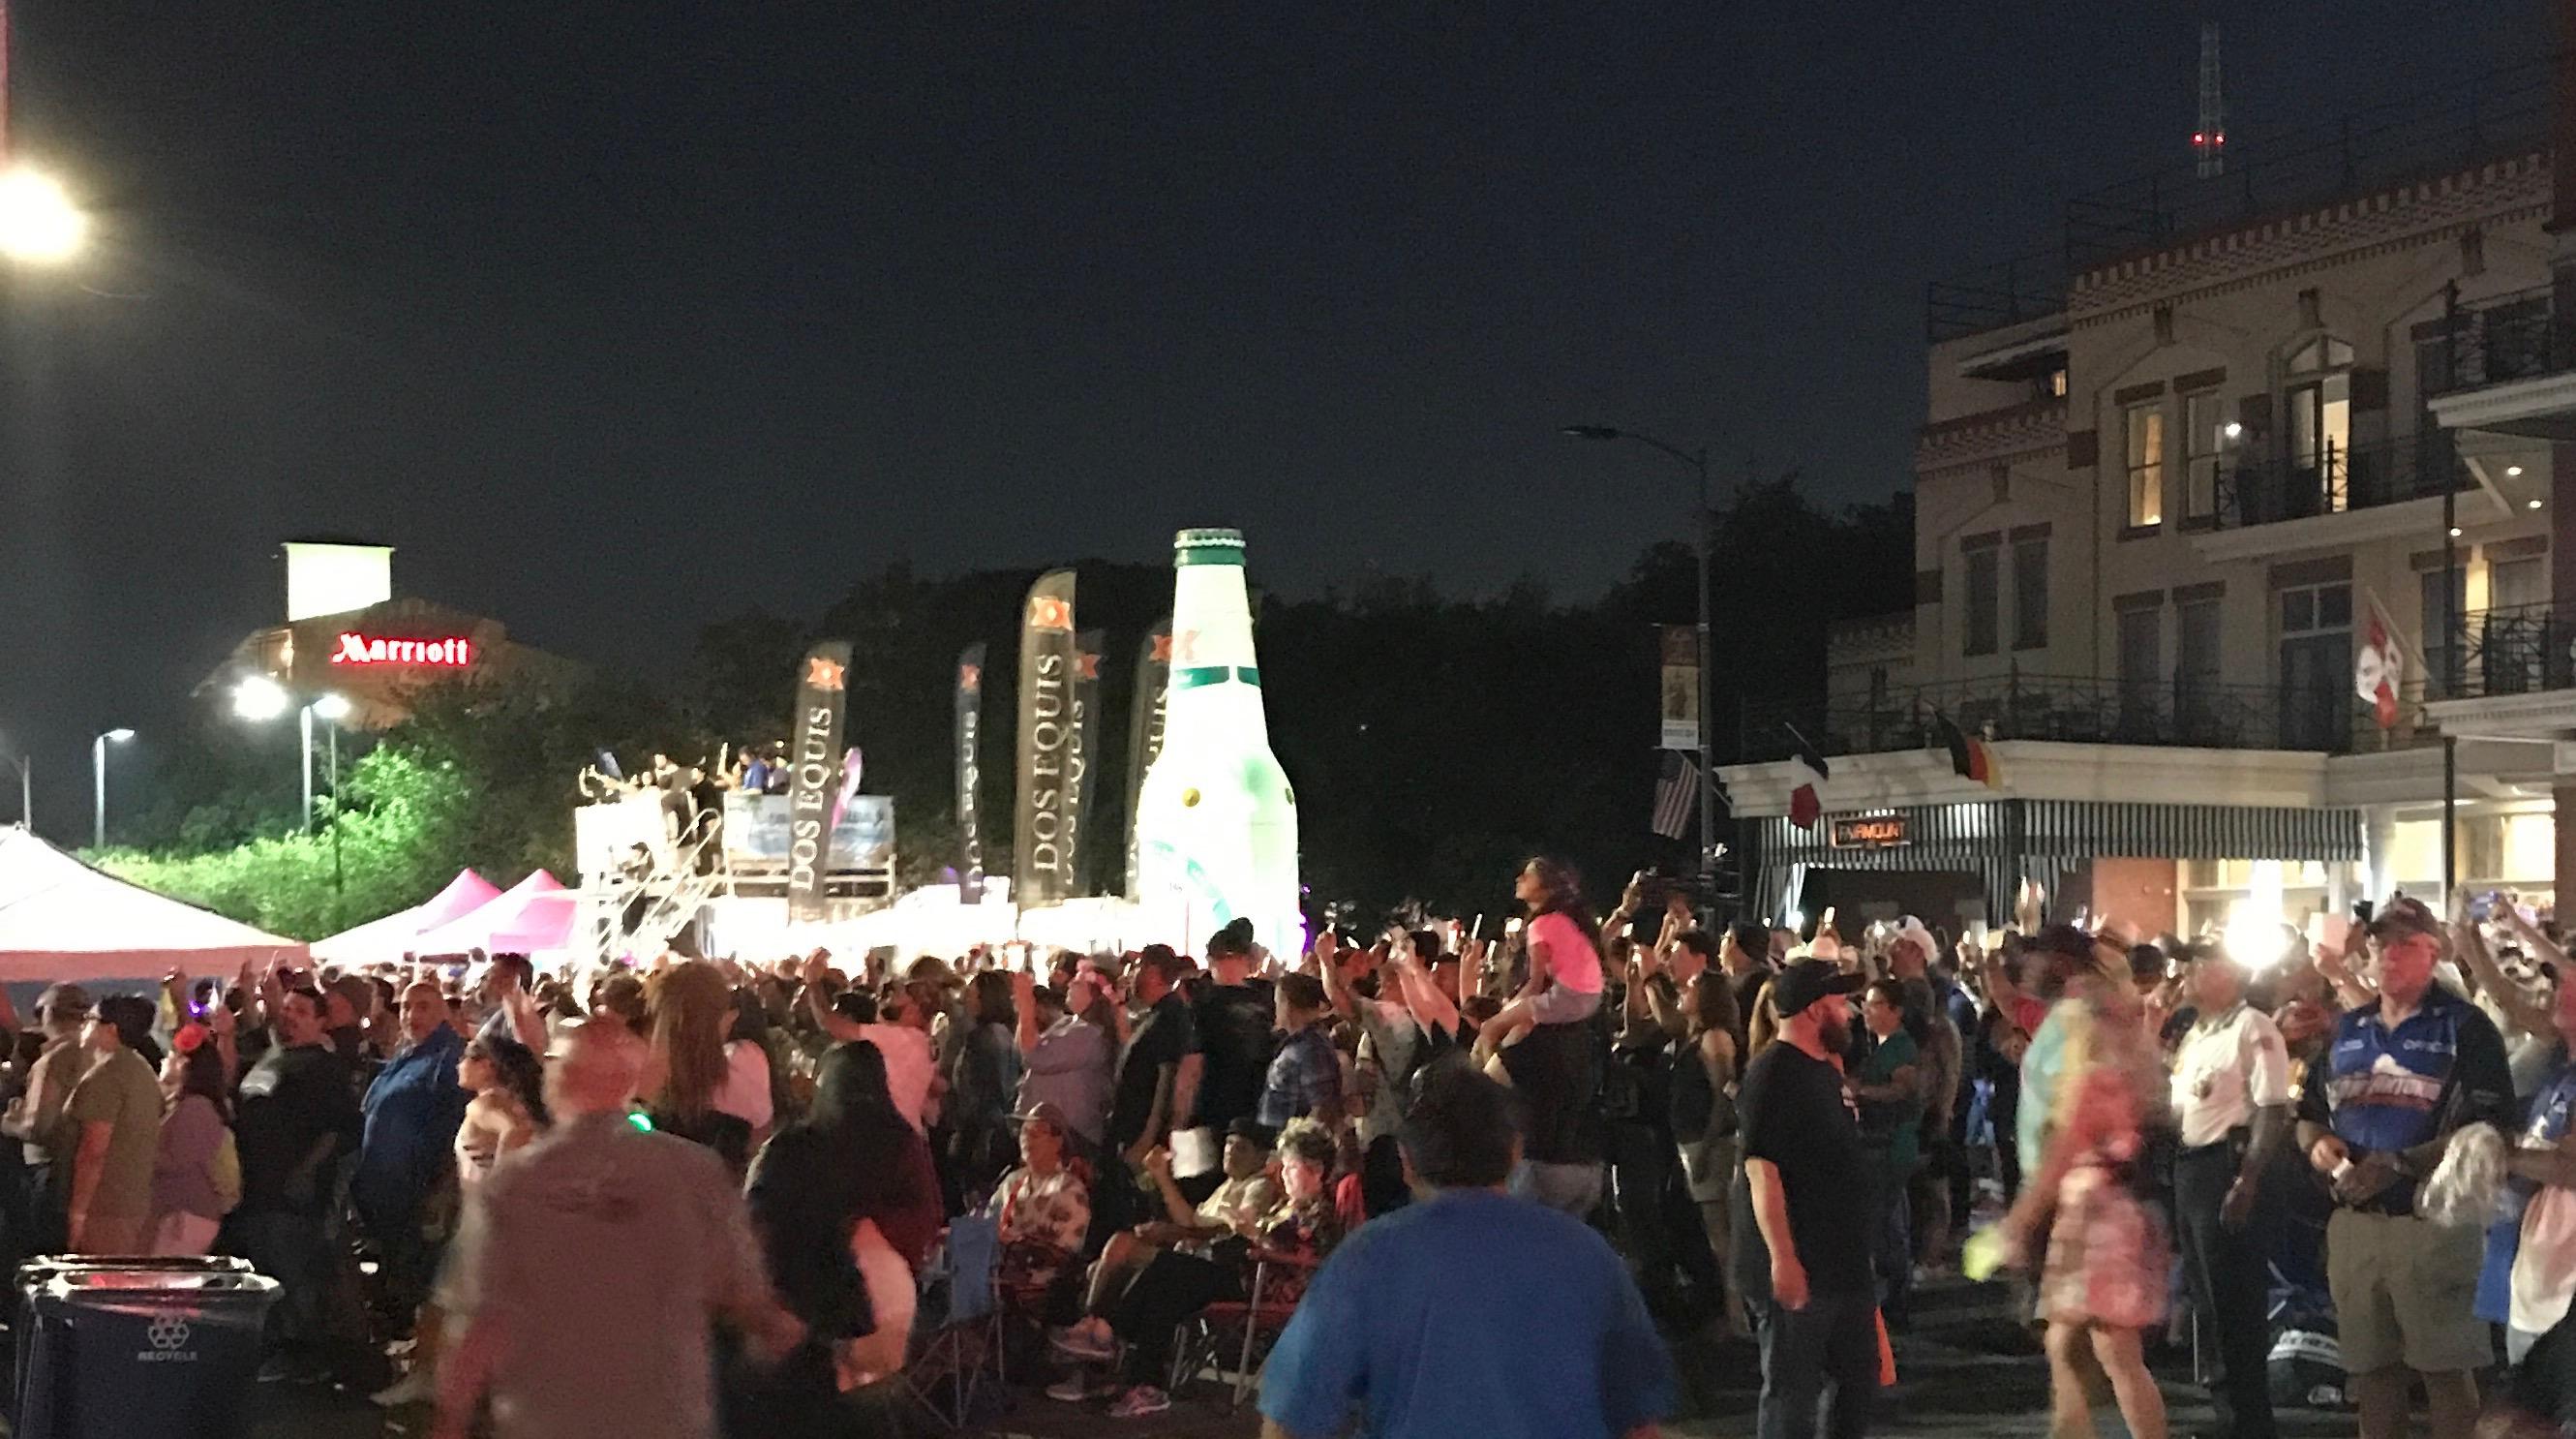 Fiesta San Antonio 2017